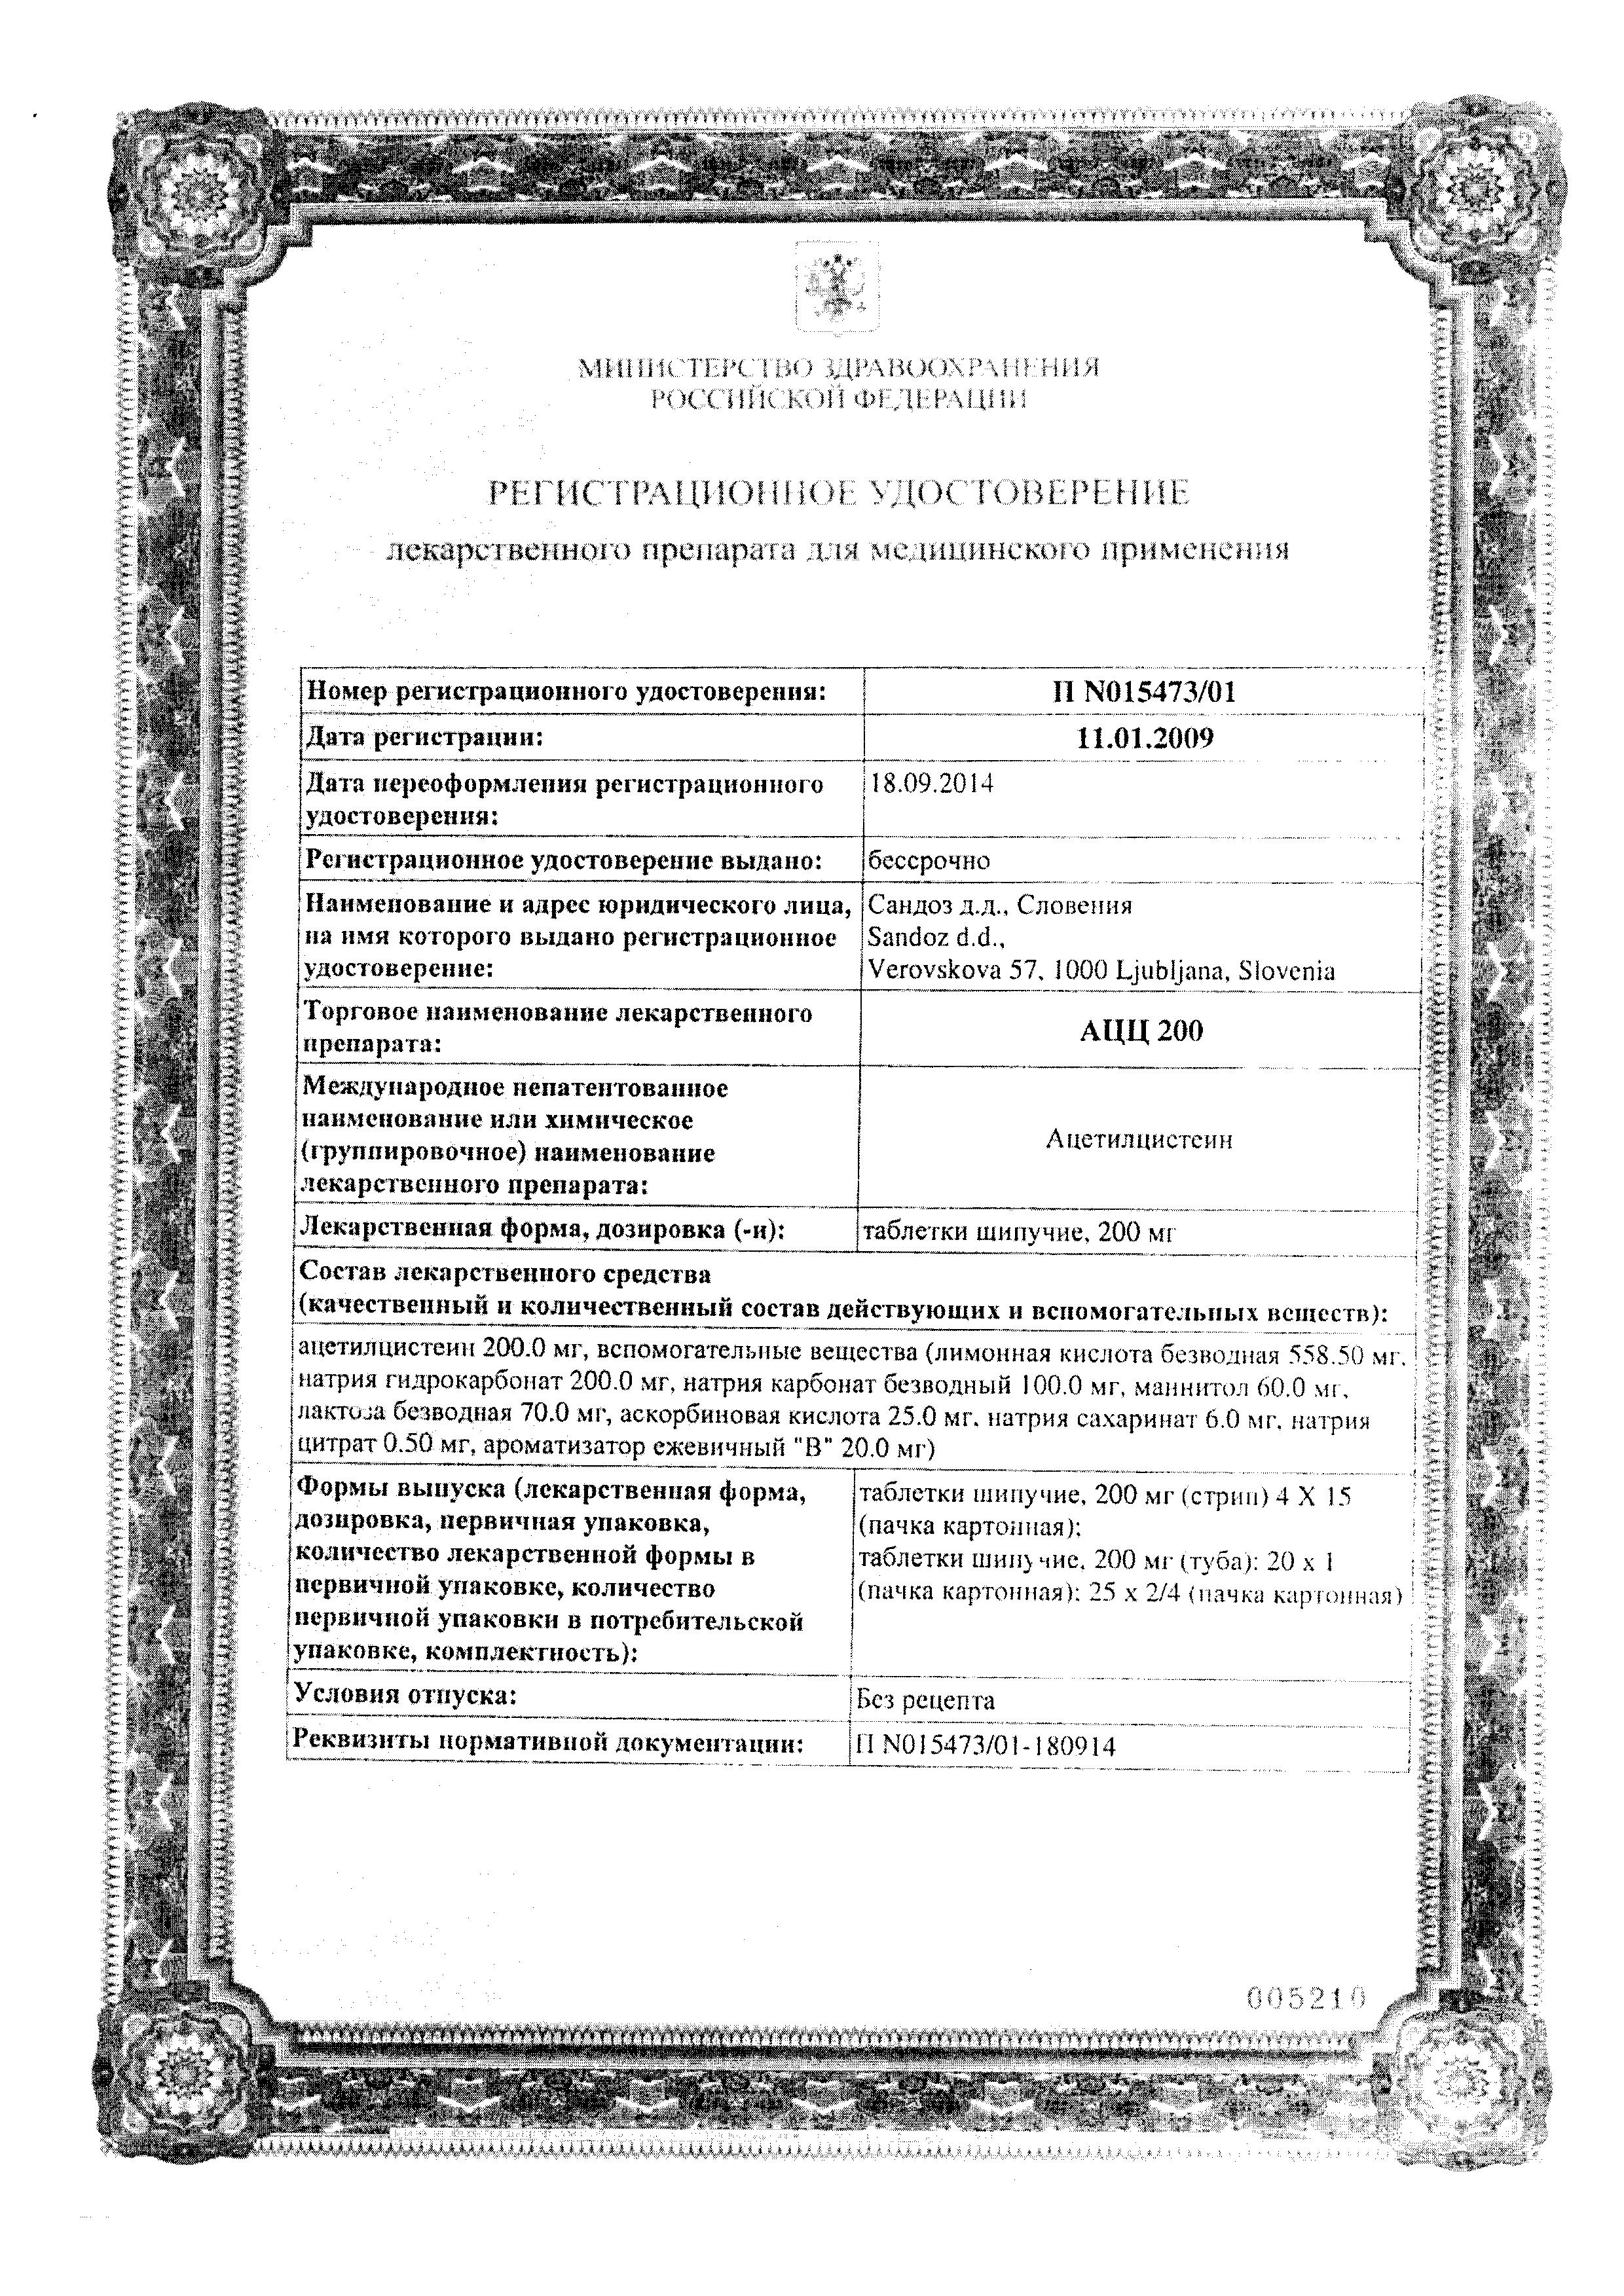 АЦЦ 200 сертификат